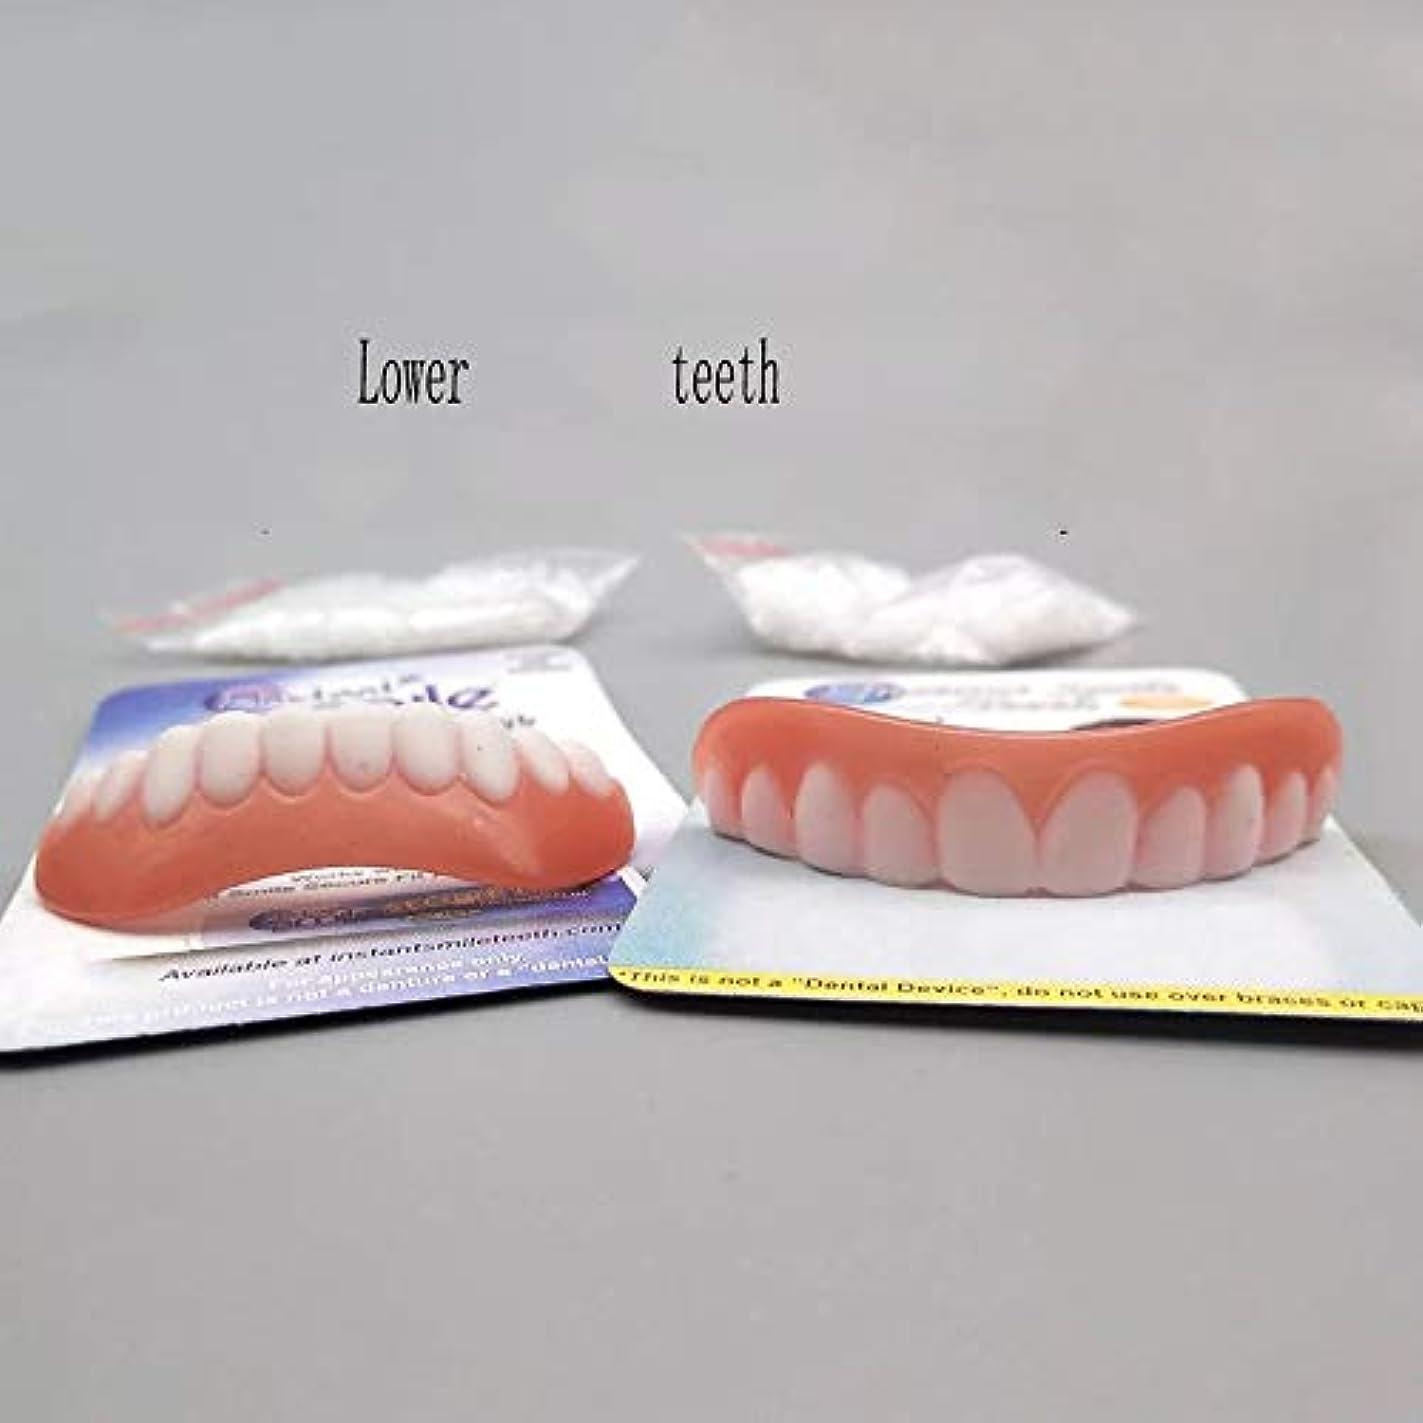 サイクロプス警告比類のないシリコーンシミュレーション歯の3セットは白い歯スマイリー入れ歯をブレース